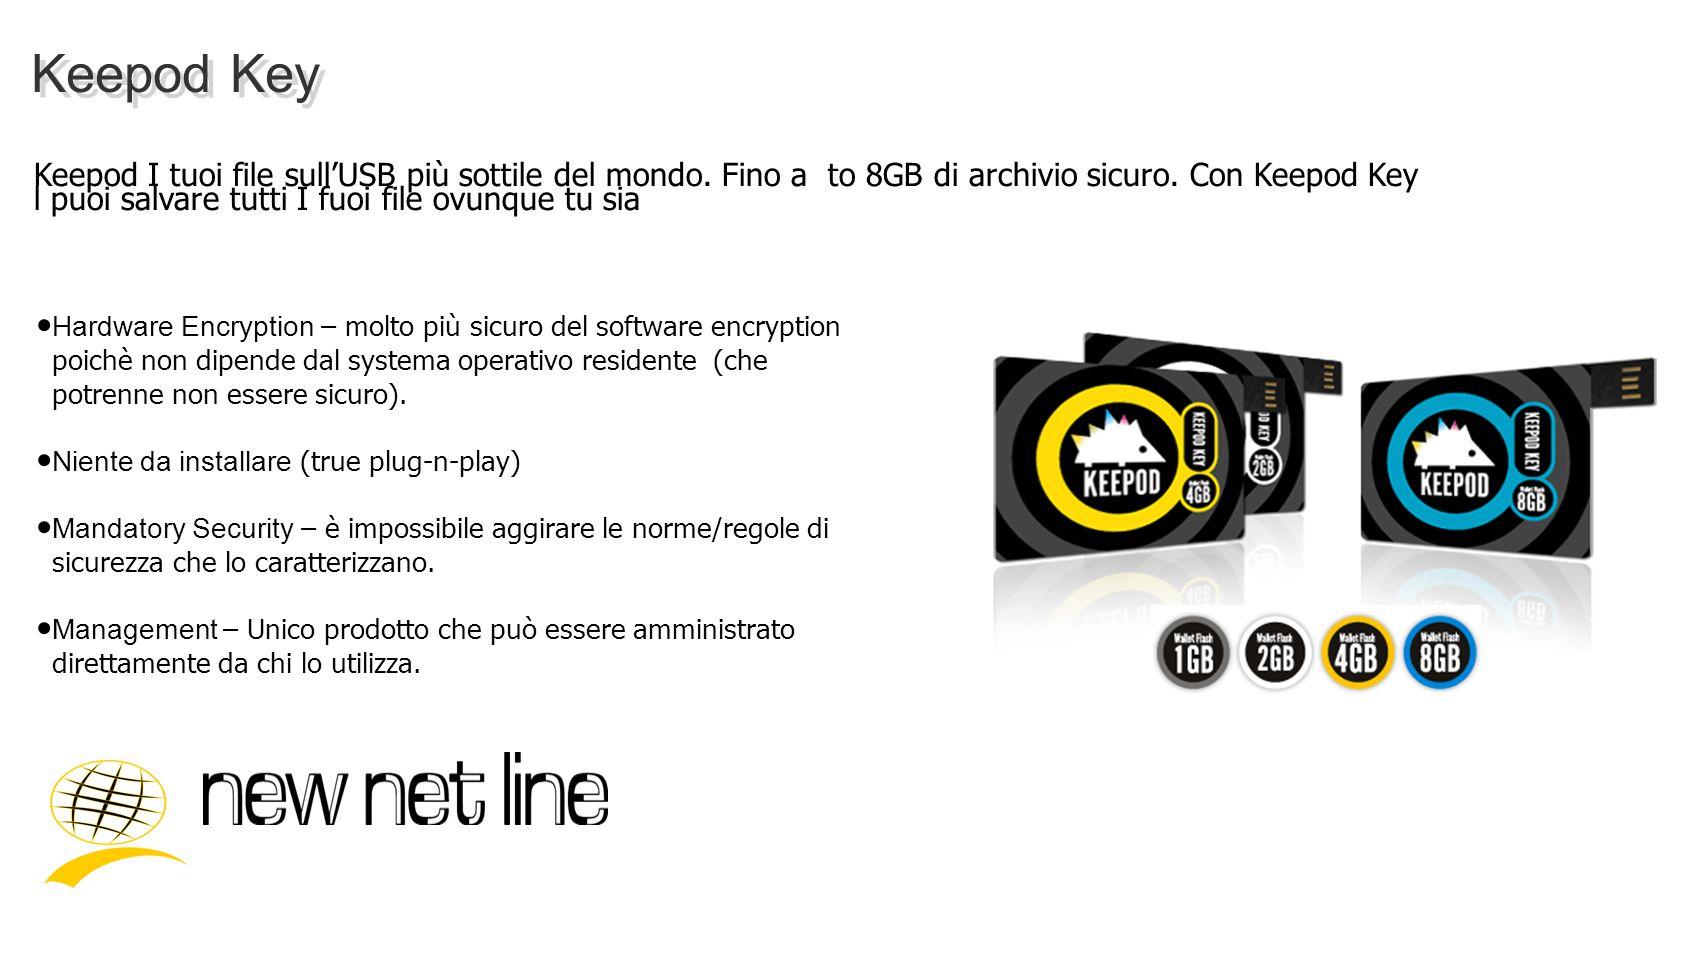 Keepod Key Keepod I tuoi file sullUSB più sottile del mondo. Fino a to 8GB di archivio sicuro. Con Keepod Key l puoi salvare tutti I fuoi file ovunque